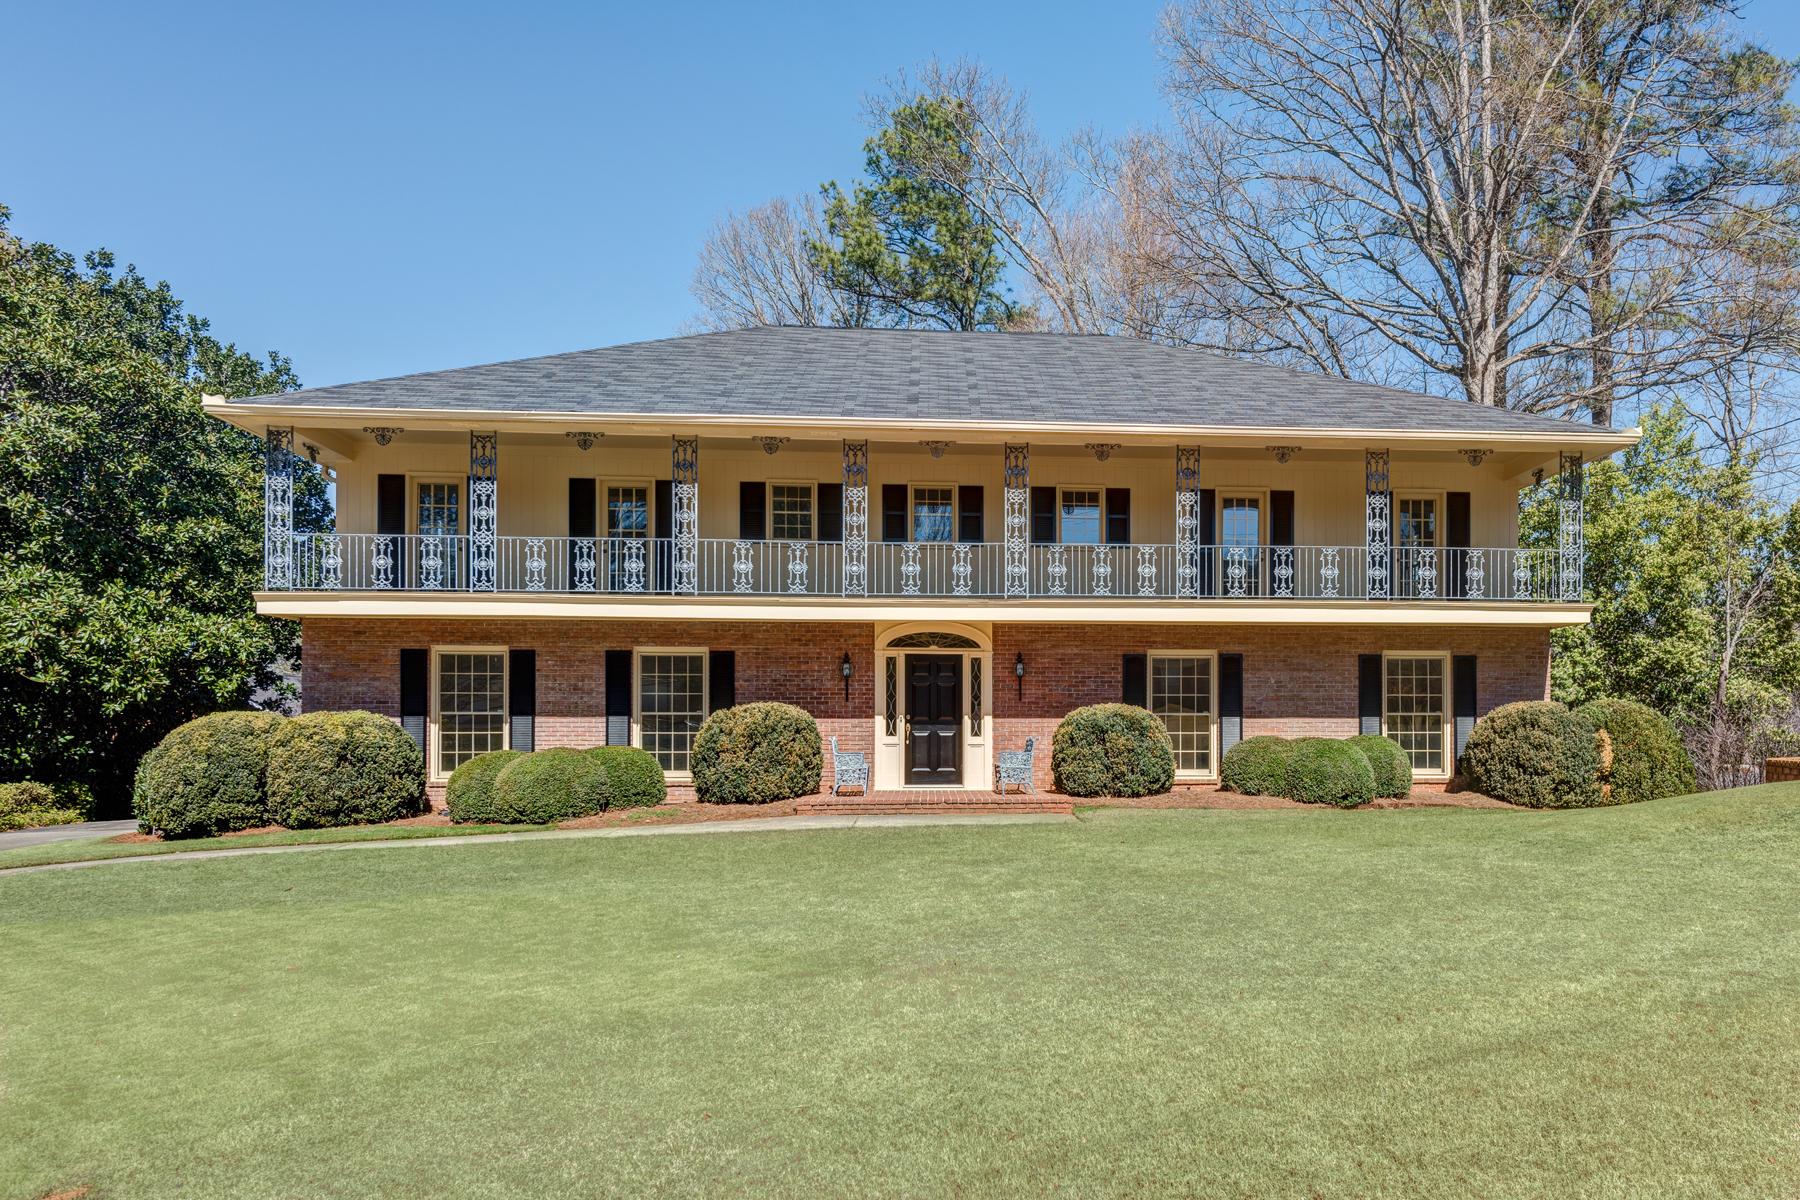 단독 가정 주택 용 매매 에 Louisiana Colonial Treasure 2800 Wendland Drive Atlanta, 조지아, 30345 미국